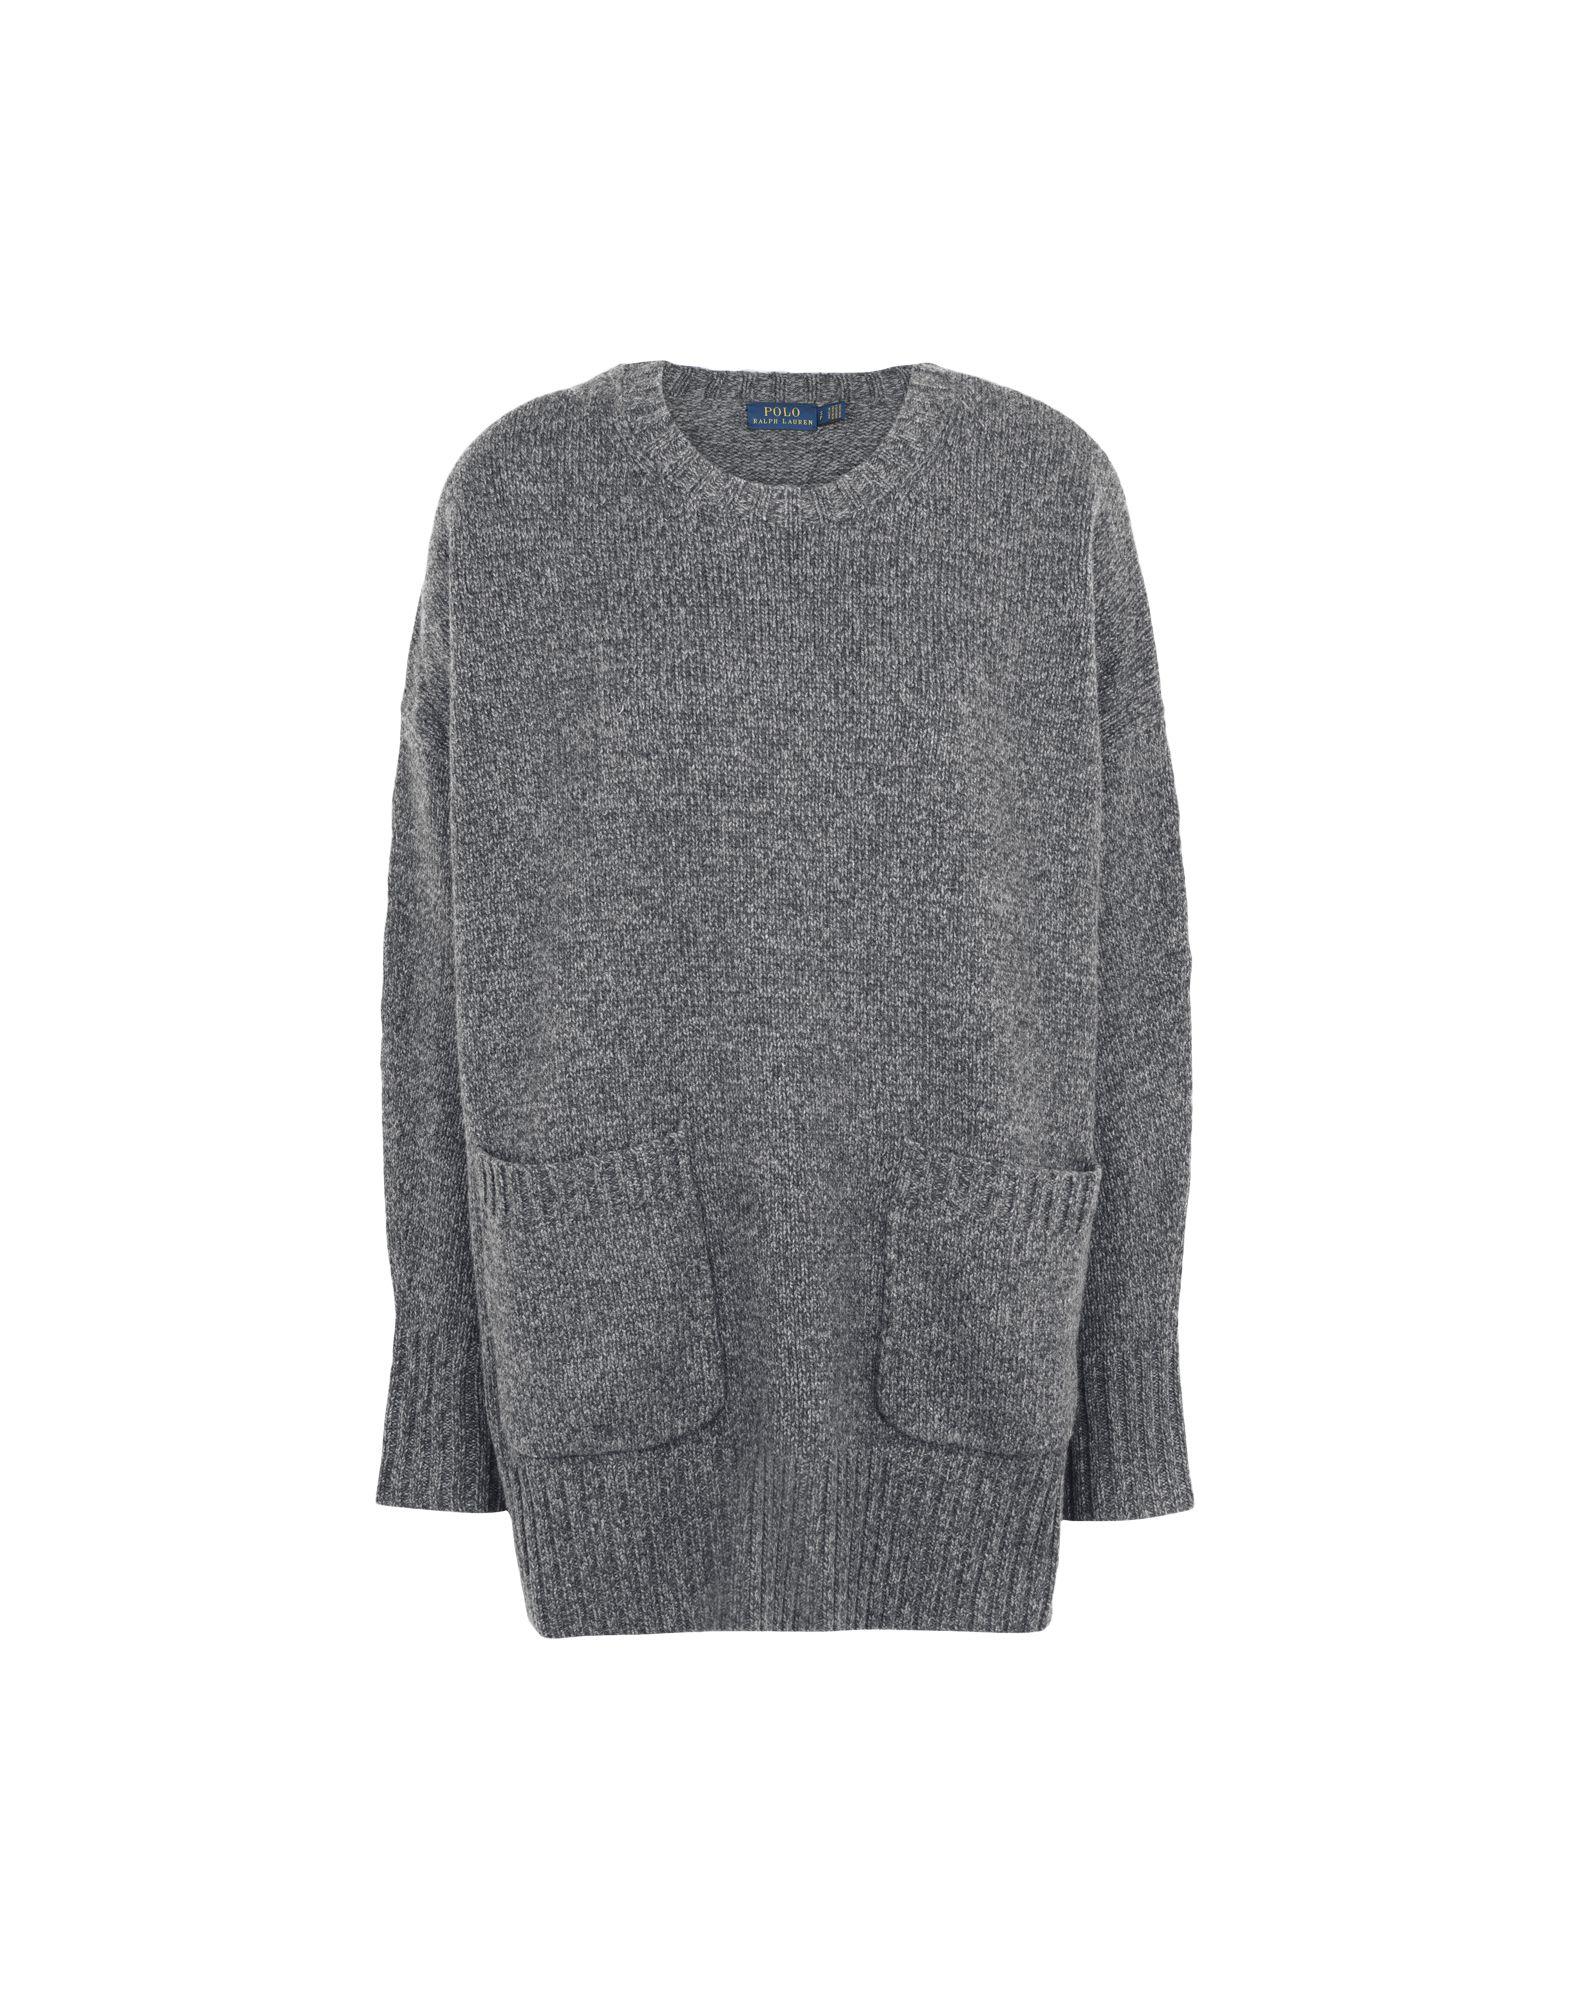 《期間限定 セール開催中》POLO RALPH LAUREN レディース プルオーバー グレー XS ウール 90% / カシミヤ 10% Wool/Cashmere sweater w-pocket